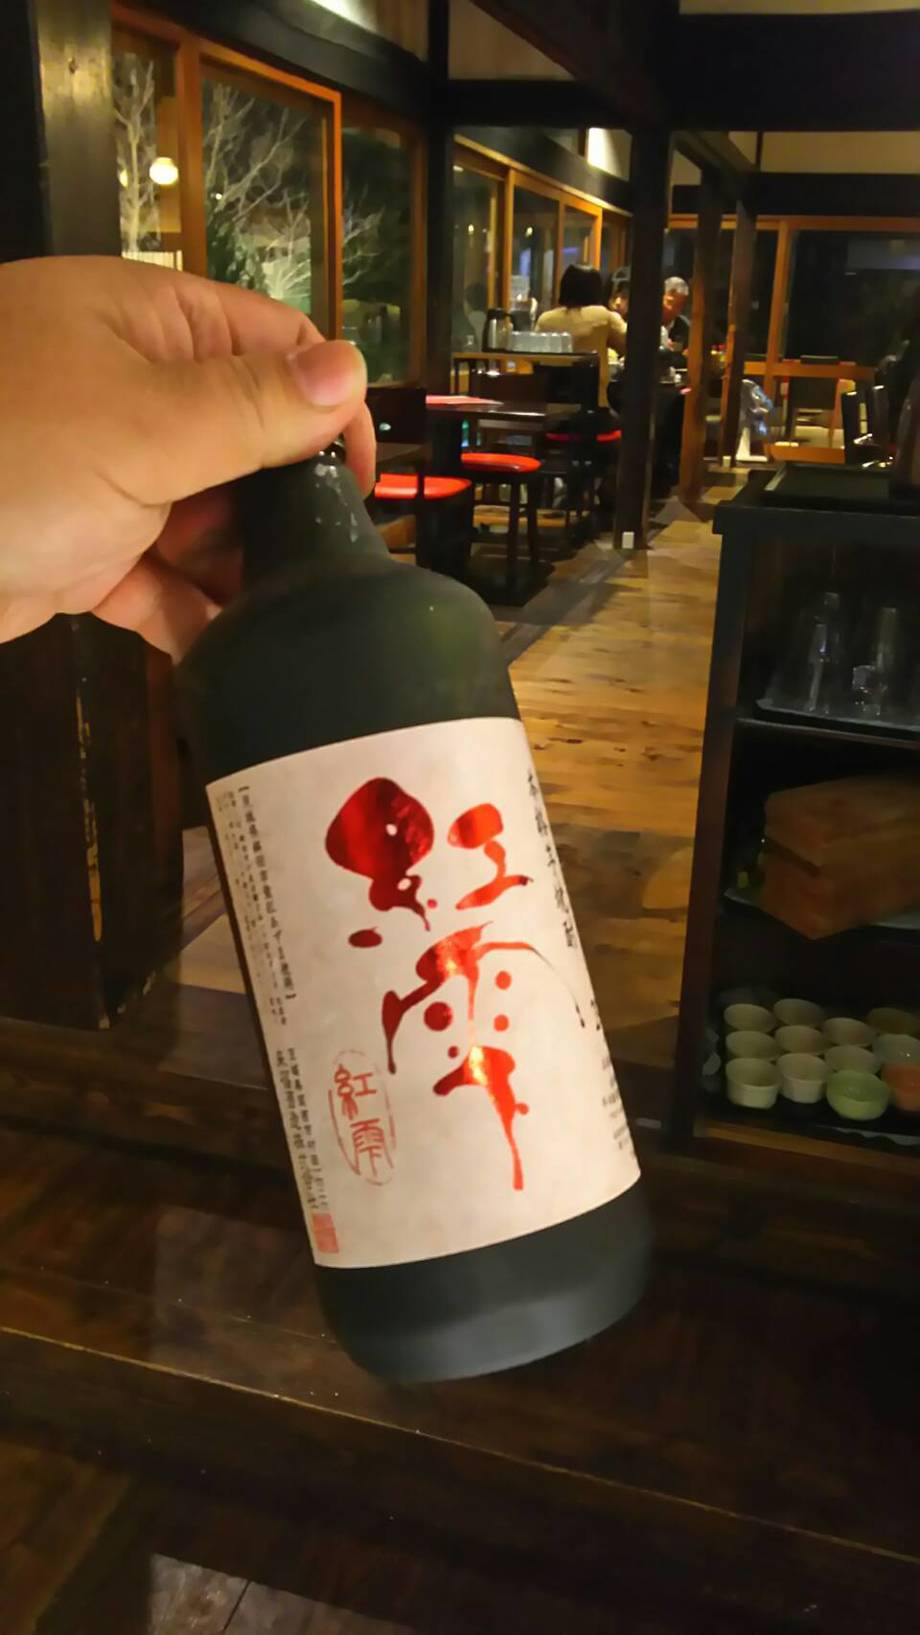 来福 本格芋焼酎 紅雫 (四合瓶 2800円  グラス S500円 W600円)